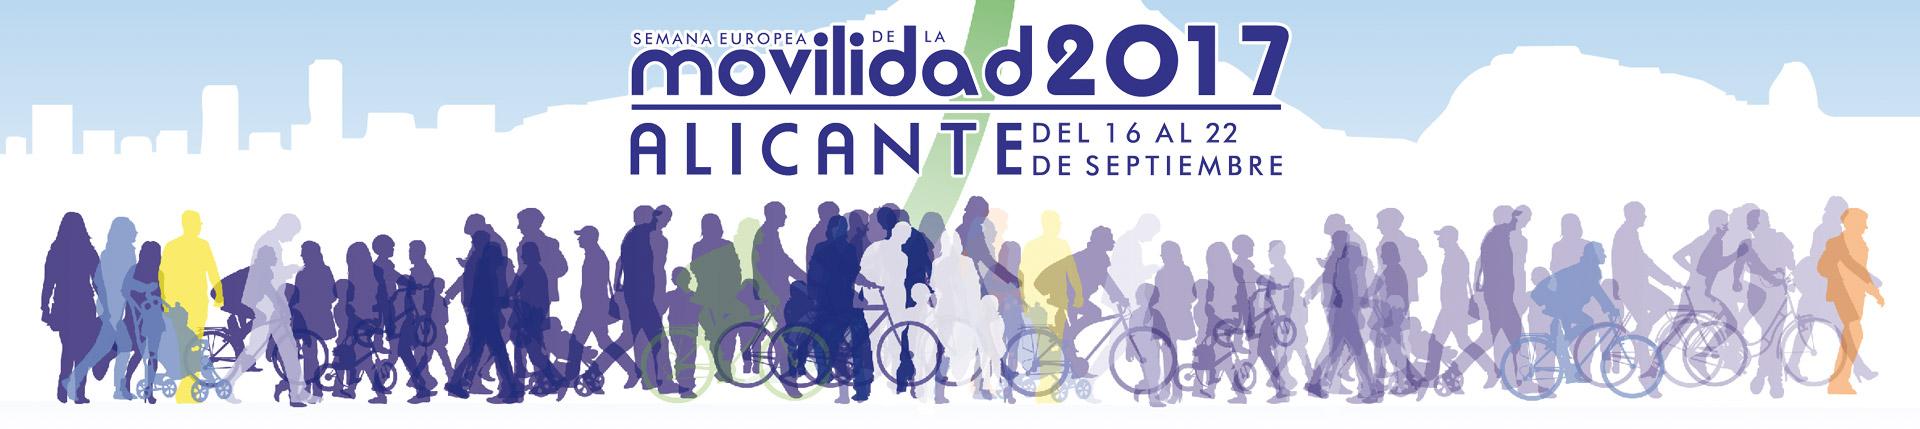 Semana Europea de la Movilidad 2017